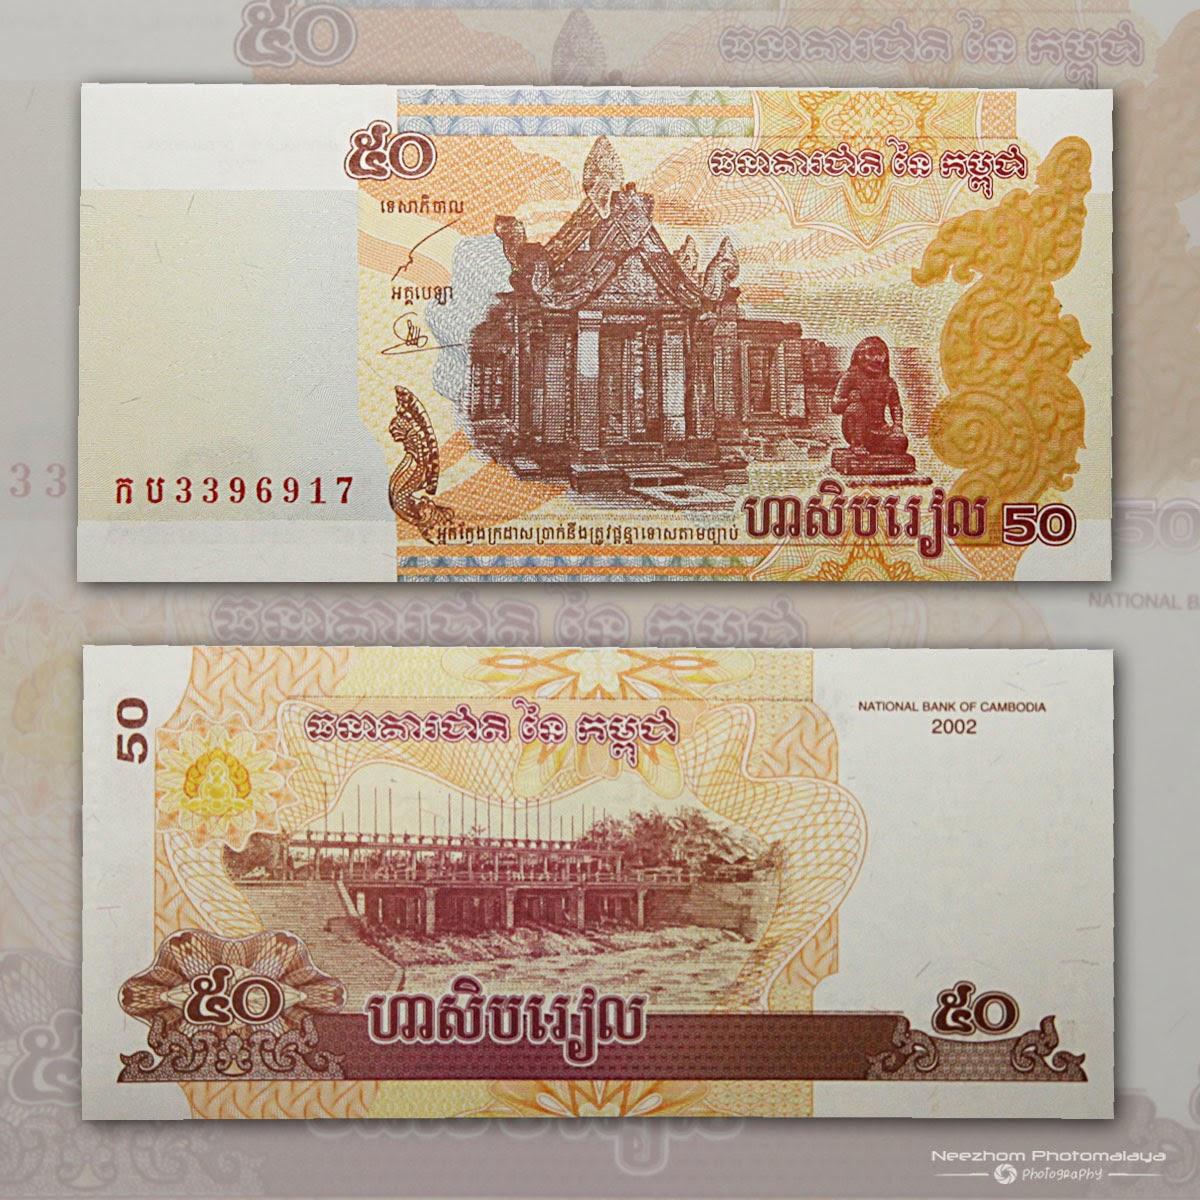 Cambodia banknote 50 Riel 2002